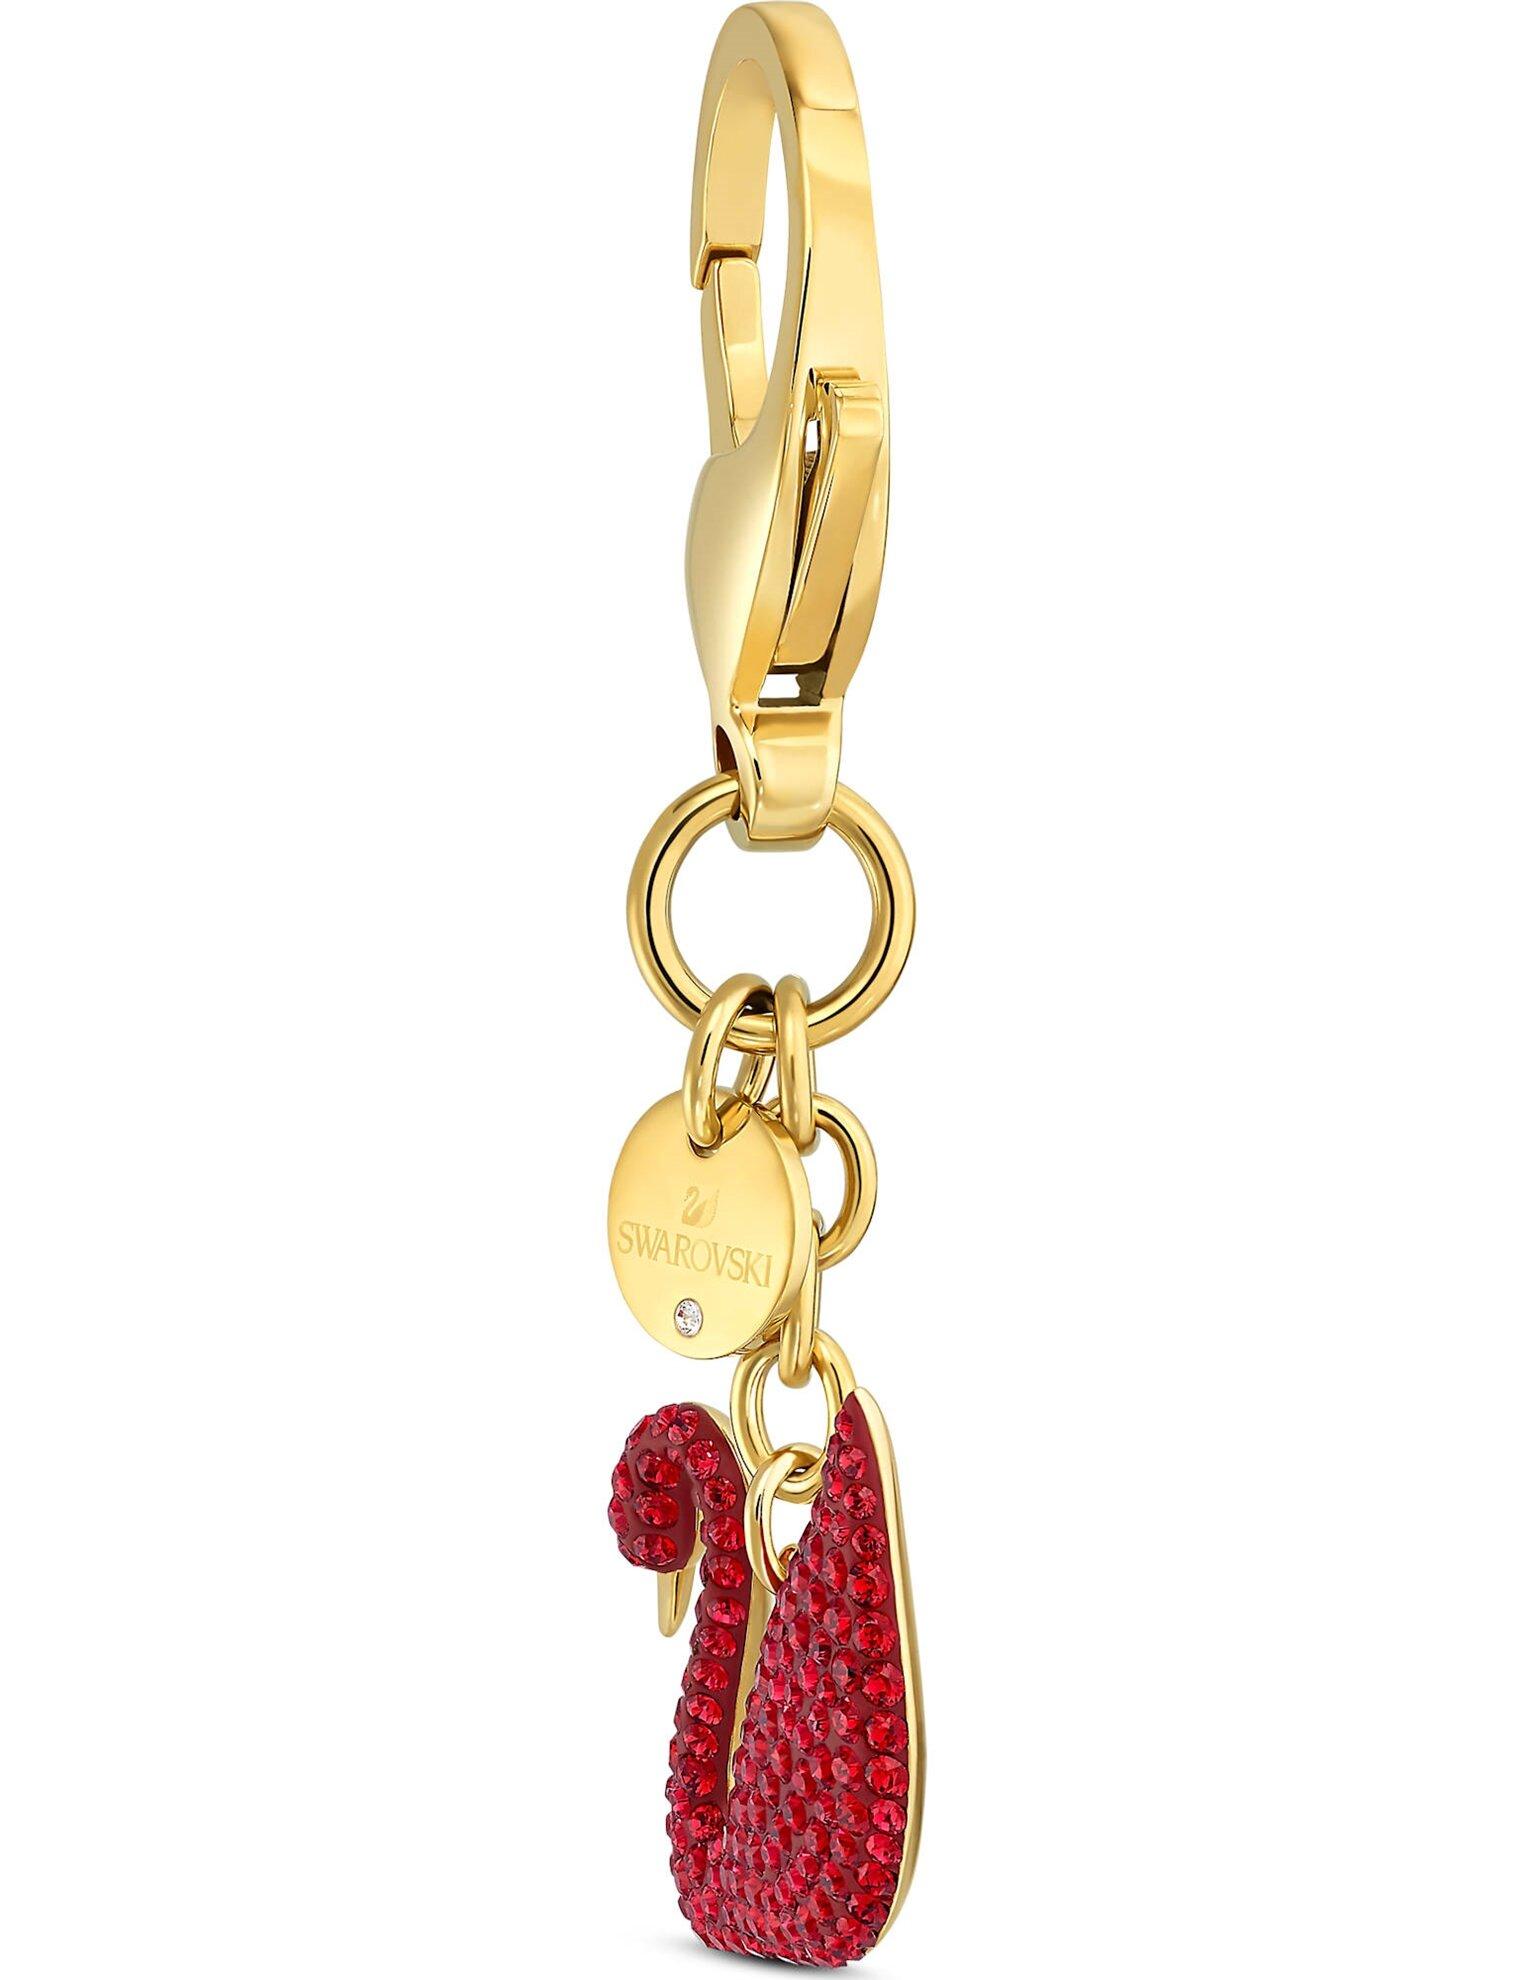 Picture of Swan Çanta Charm'ı, Kırmızı, Altın rengi kaplama